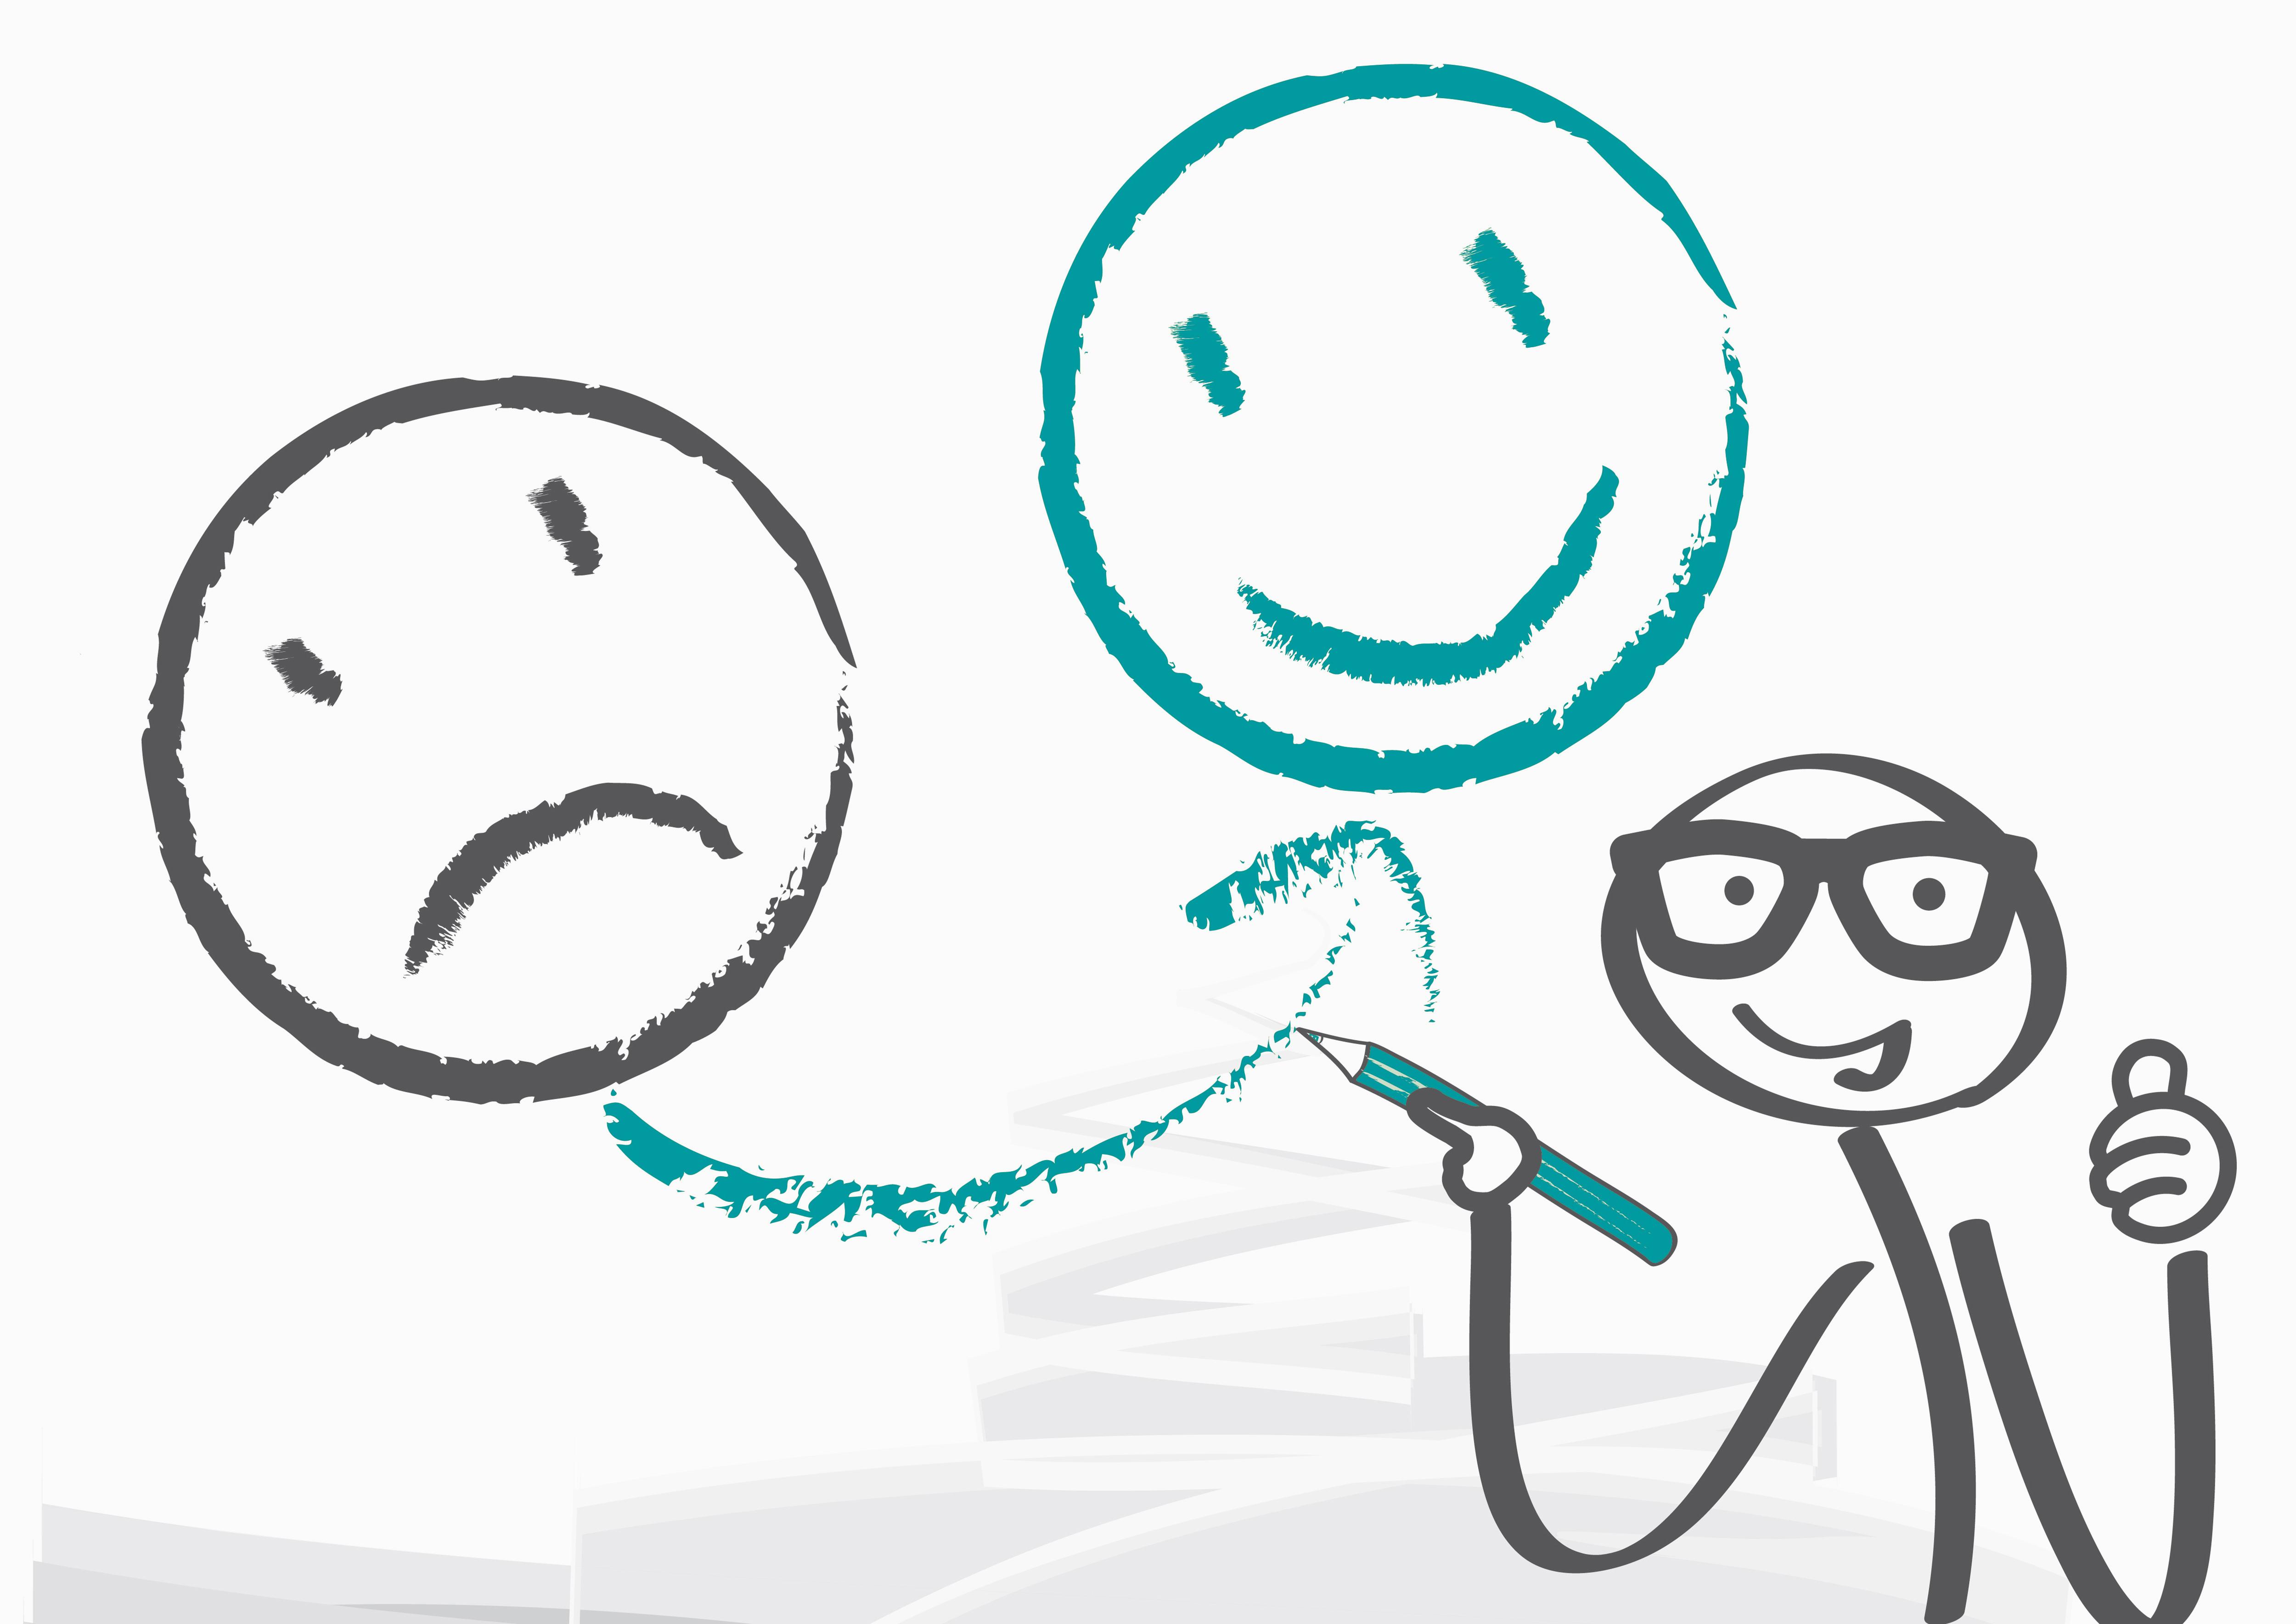 Kundenbindung und Kundenzufriedenheit